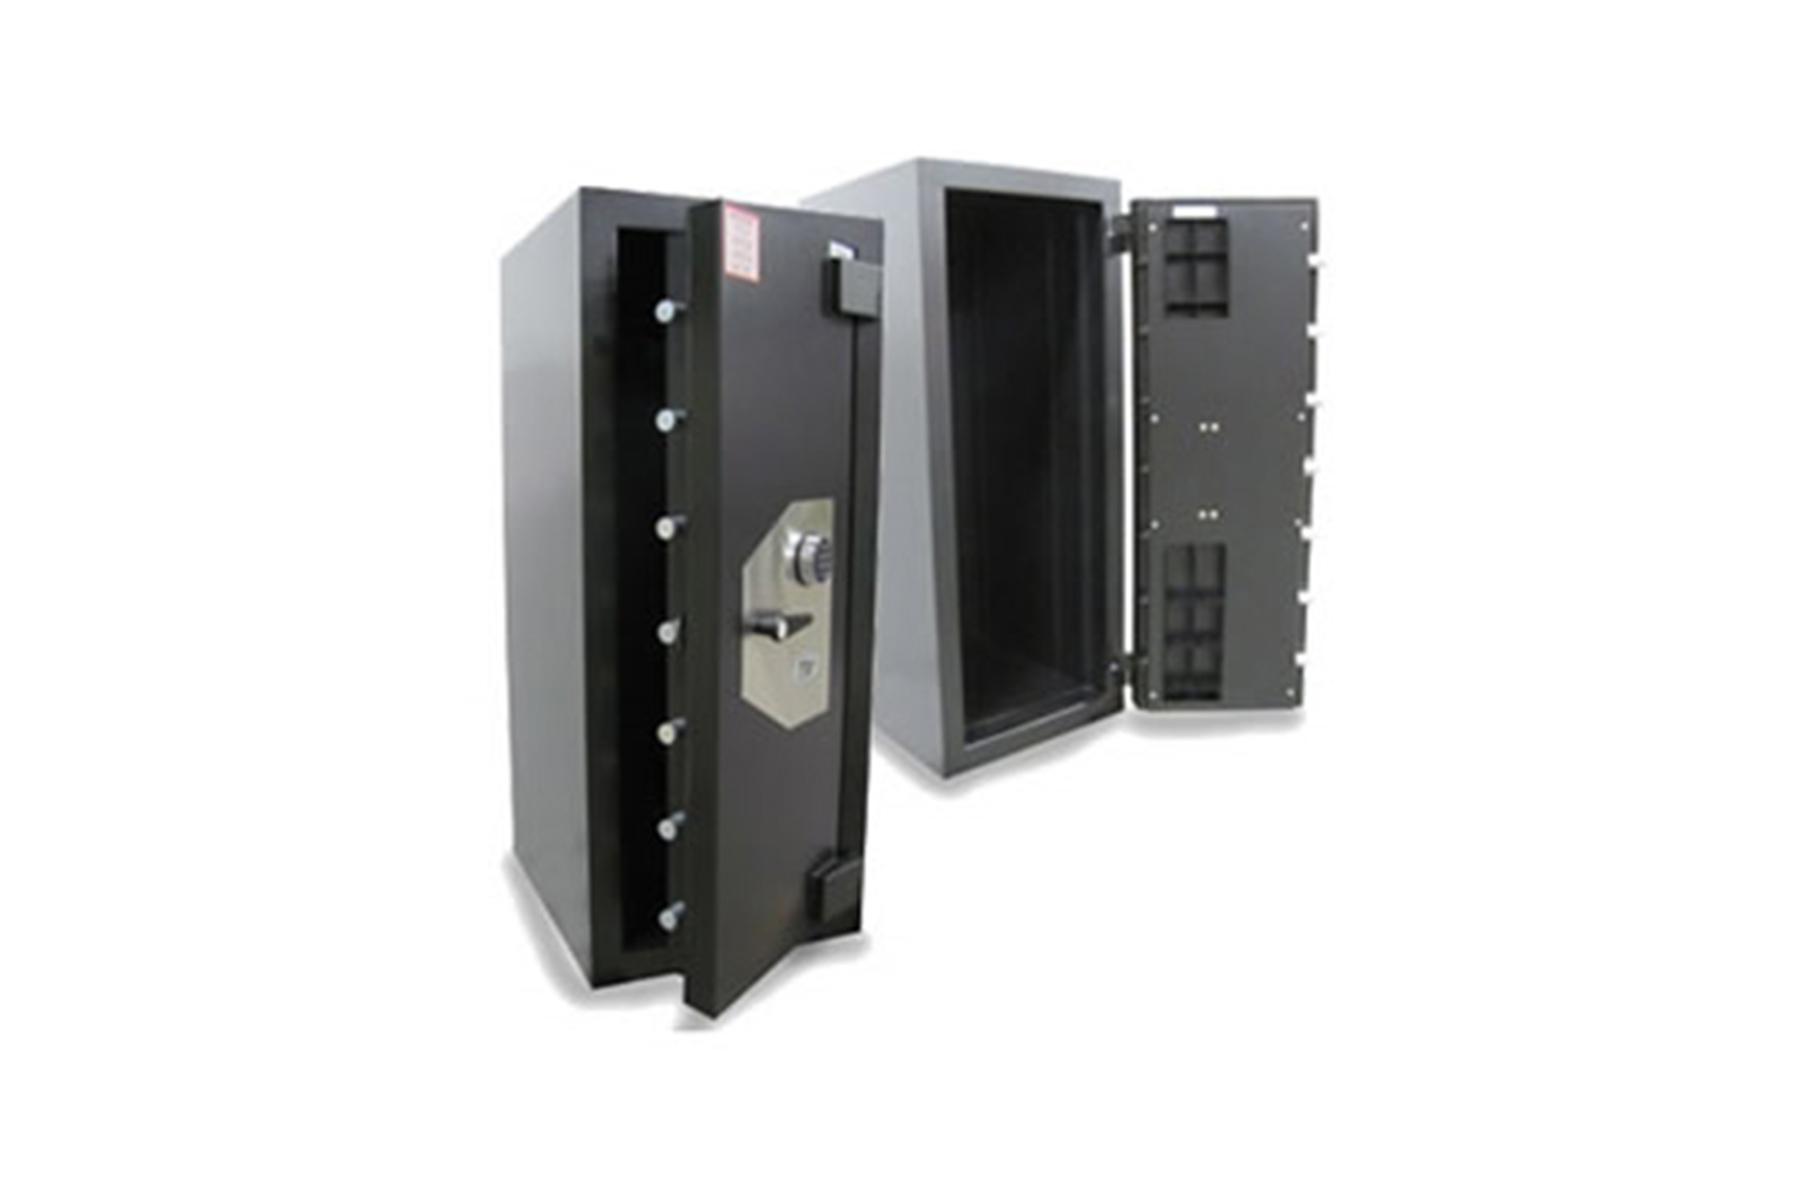 MGM Class 3 Composite Safe